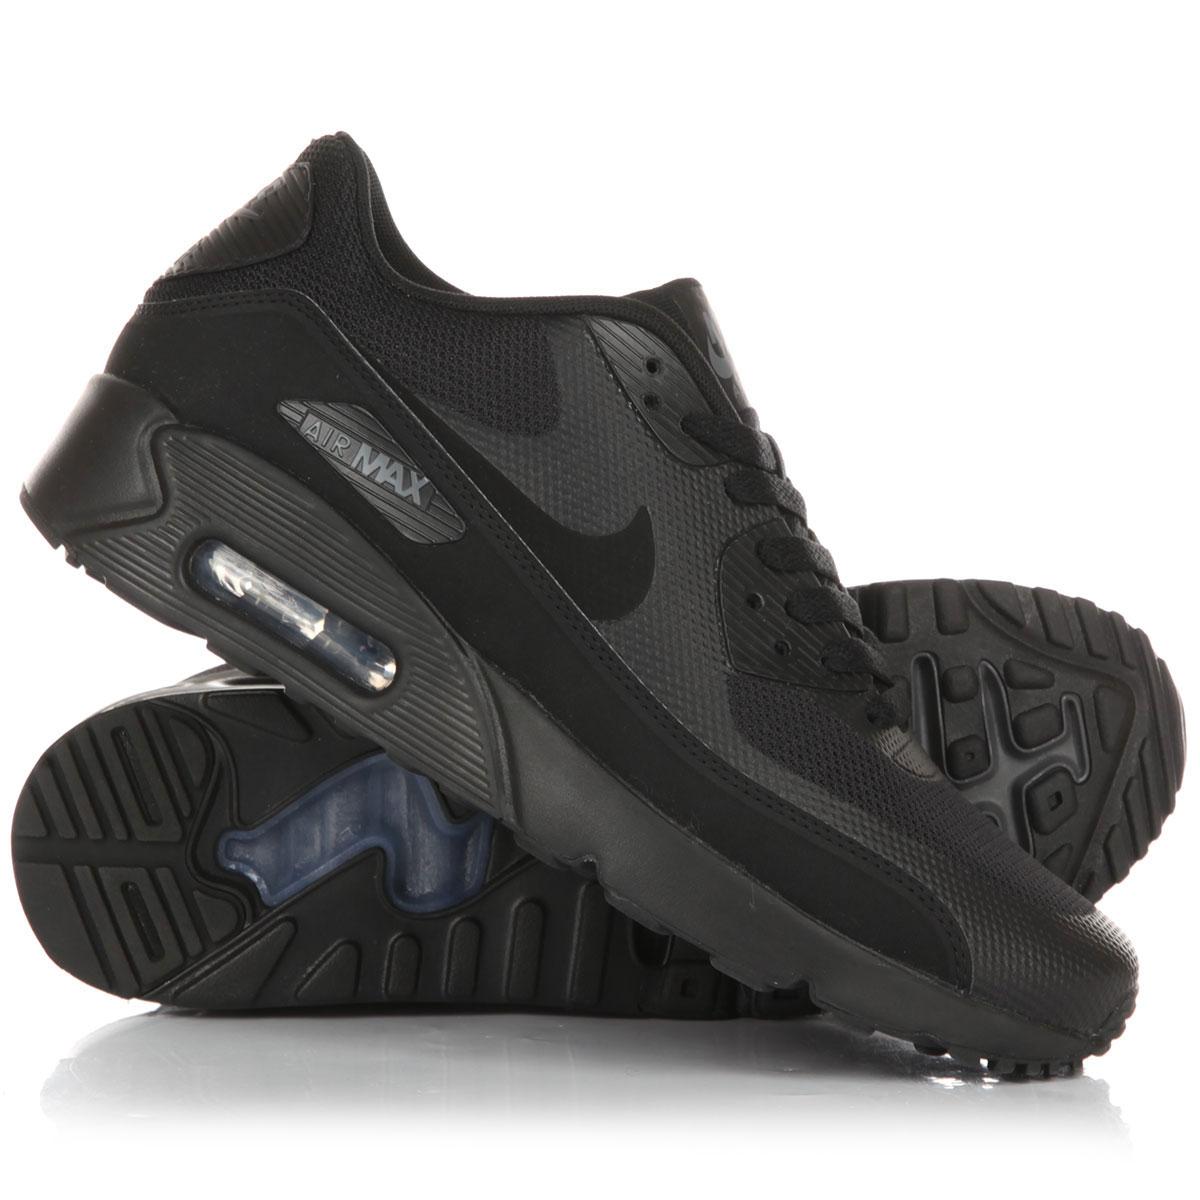 e8ffdc20 Купить кроссовки Nike Air Max 90 Ultra 2.0 Essential Noir Black в ...